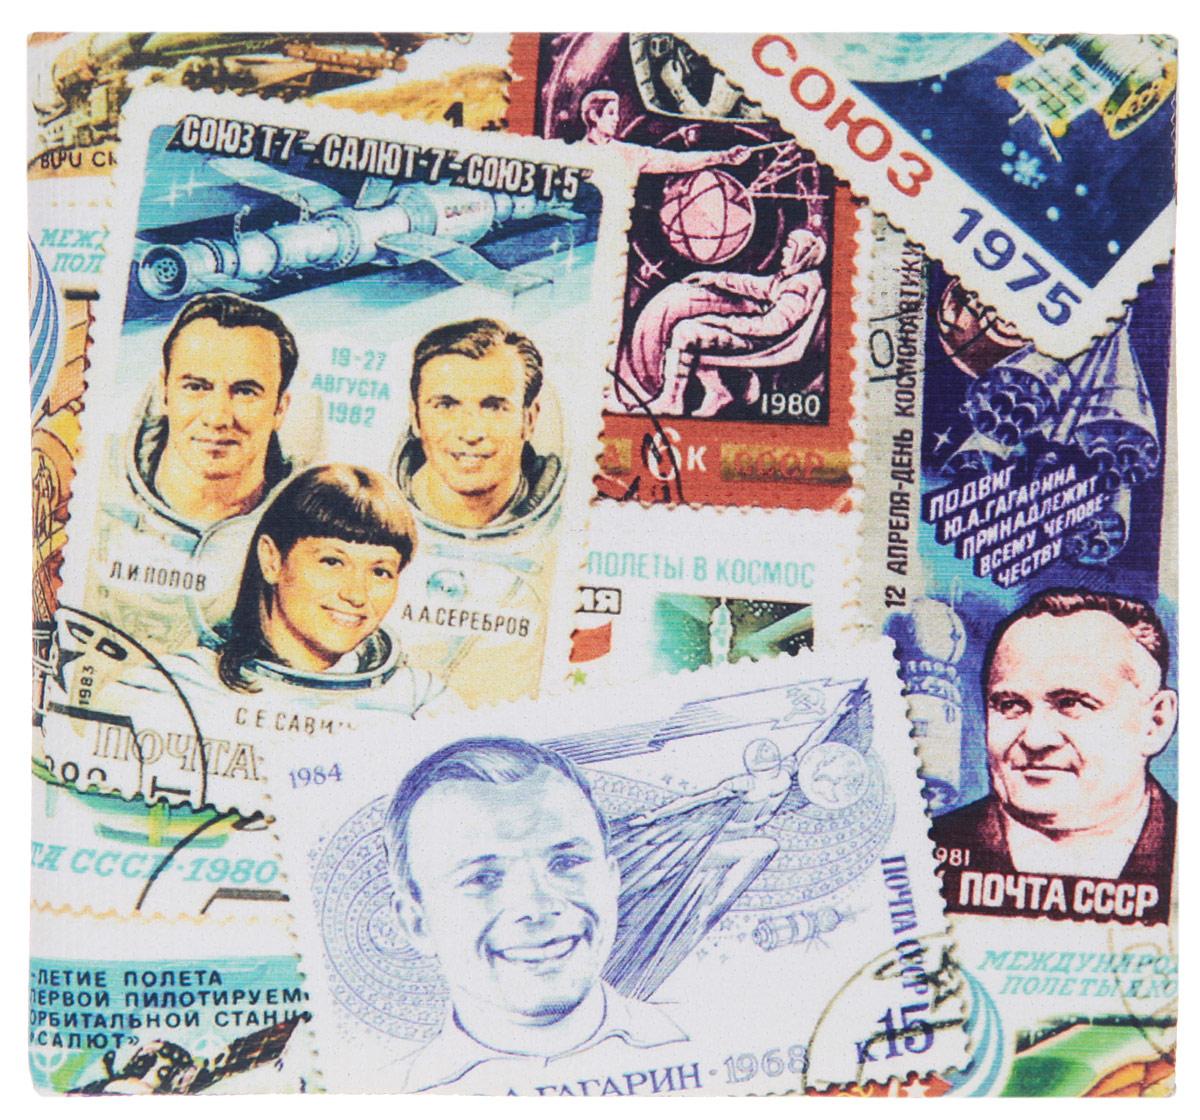 Кошелек Космос (марки). KZAM020INT-06501Авторский, неповторимый кошелек от Mitya Veselkov Космос (марки) выполнен из синтетического материала и оформлен принтом в виде марок с изображением космонавтов.Кошелек раскладывается пополам и содержит отделение для купюр и два врезных кармана для кредитных карт или визиток.Стильный кошелек Mitya Veselkov Космос (марки) станет отличным подарком для творческого человека.